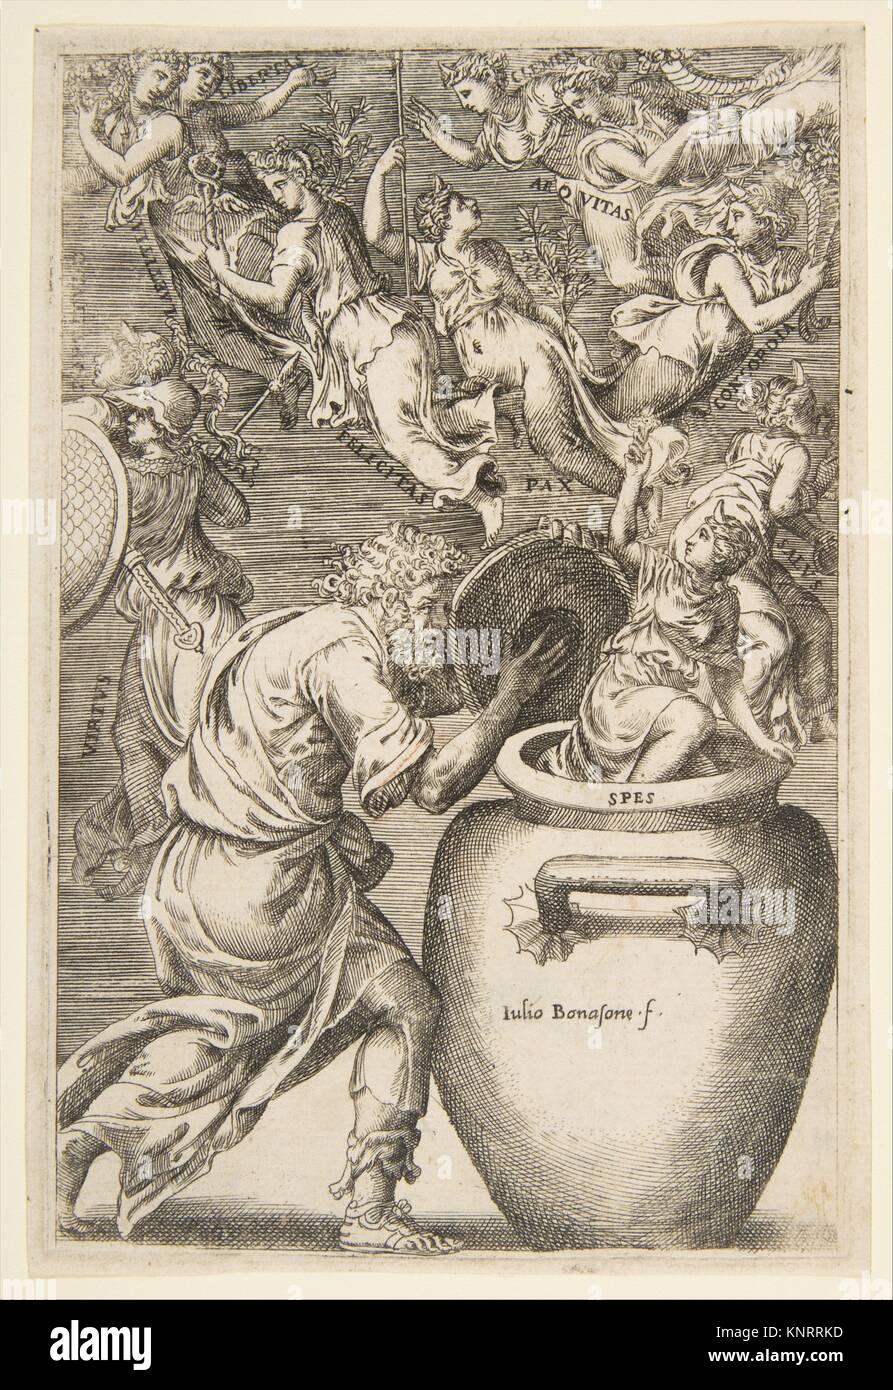 Epimeteo Abriendo La Caja De Pandora Artista Giulio Bonasone Italiano Activo Roma Y Bolonia 1531 Después De 1576 Publicado En Providencia Fecha Fotografía De Stock Alamy